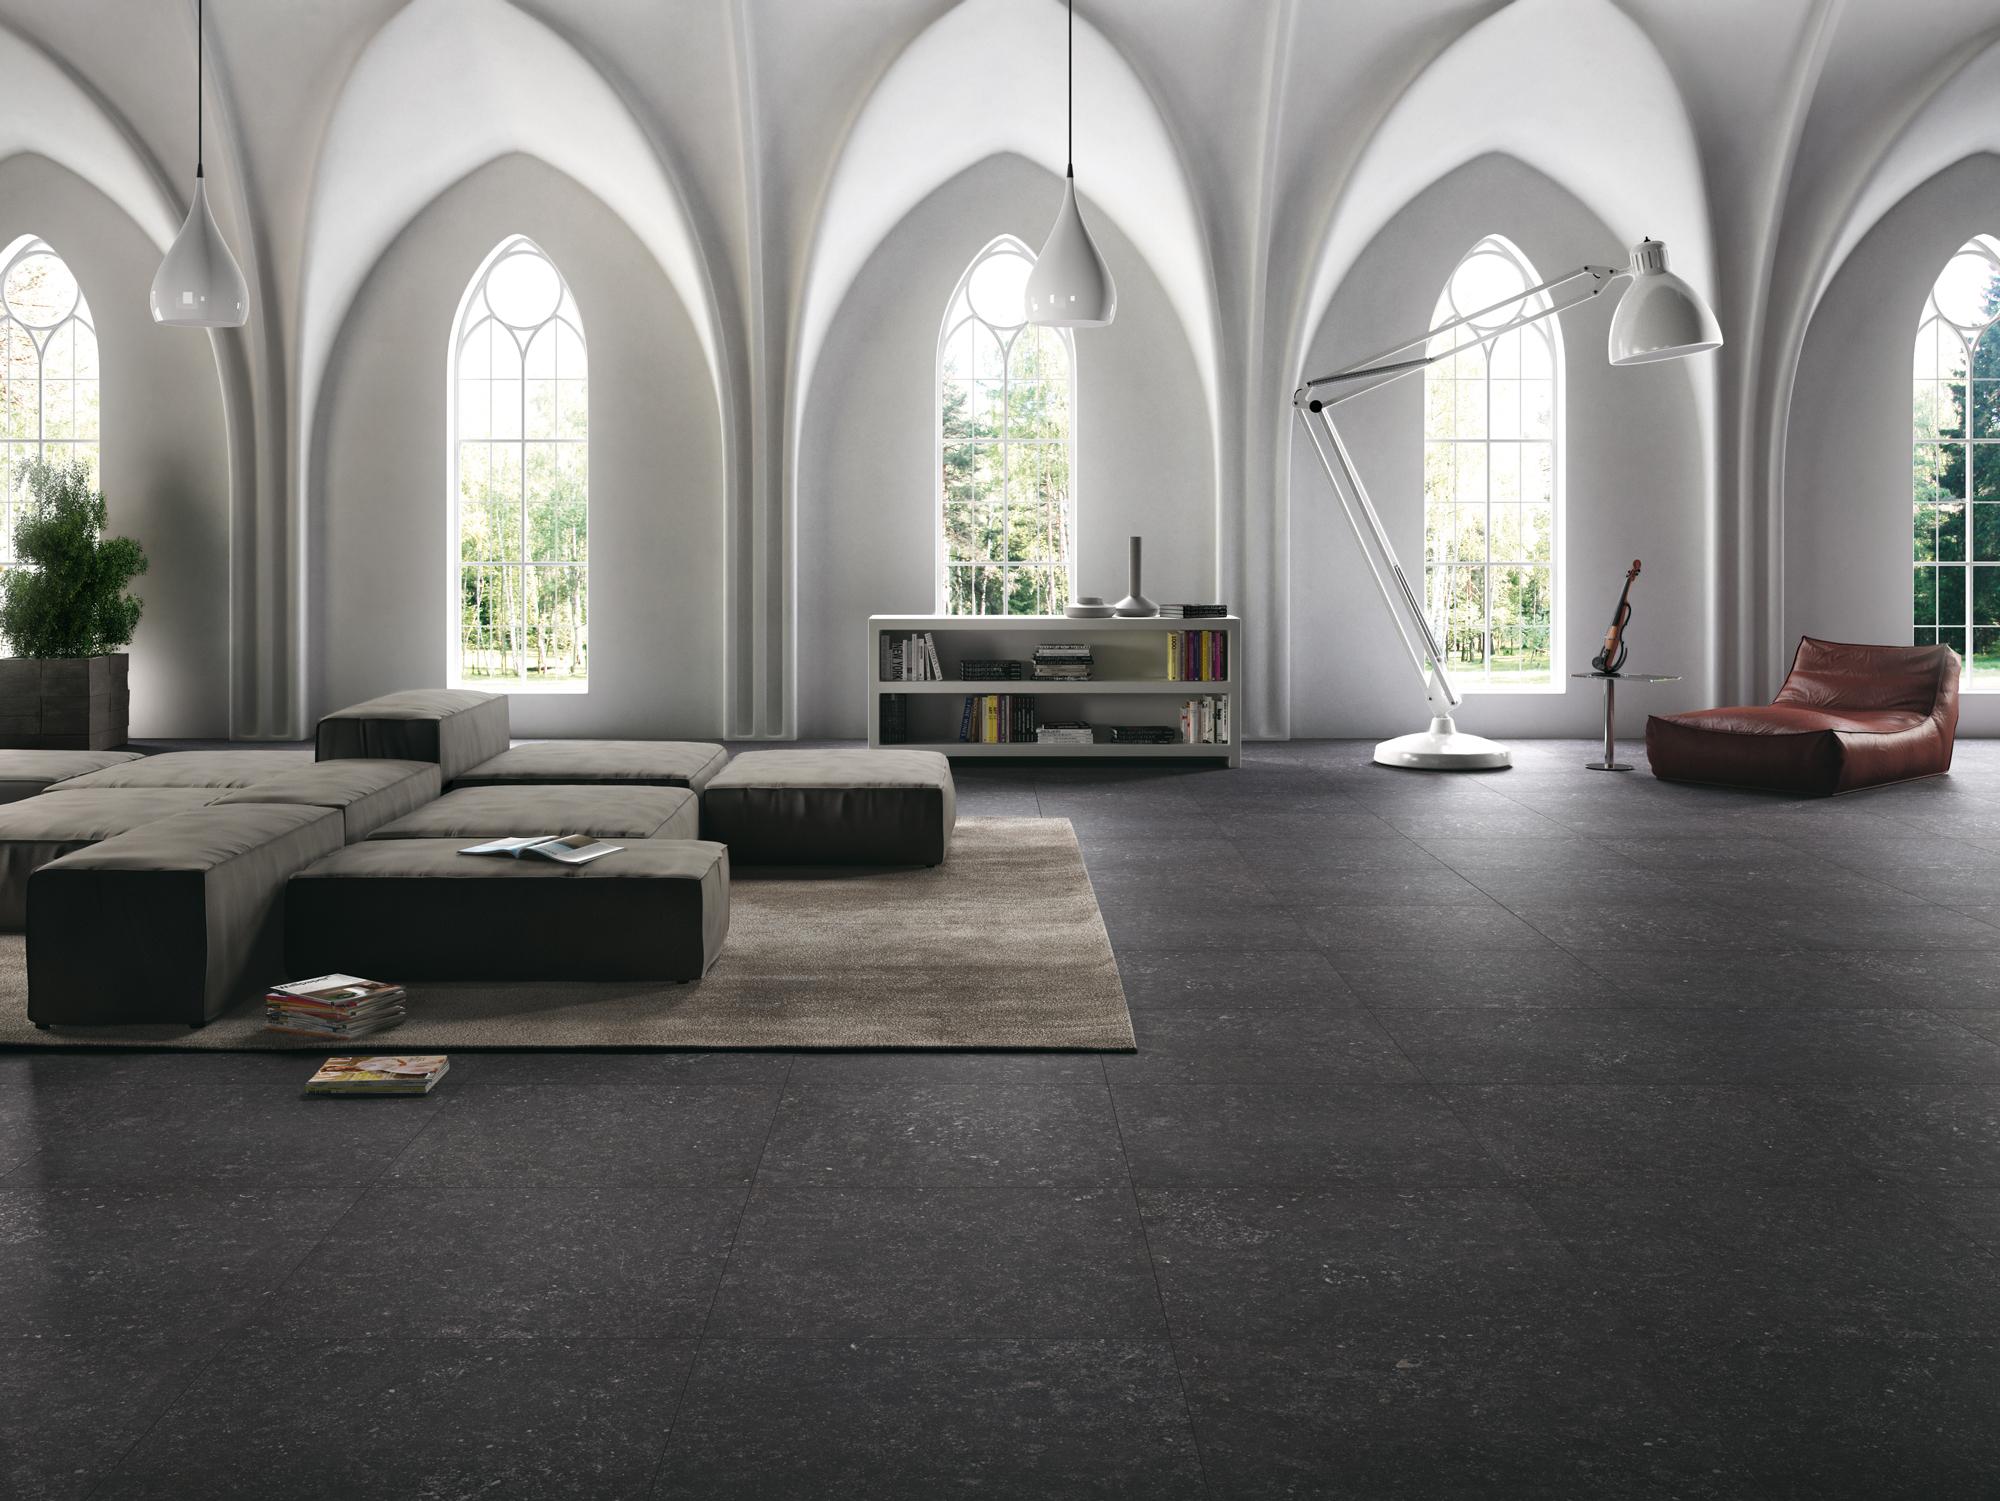 Domus incontra cotto d este il progetto d interni oltre la moda